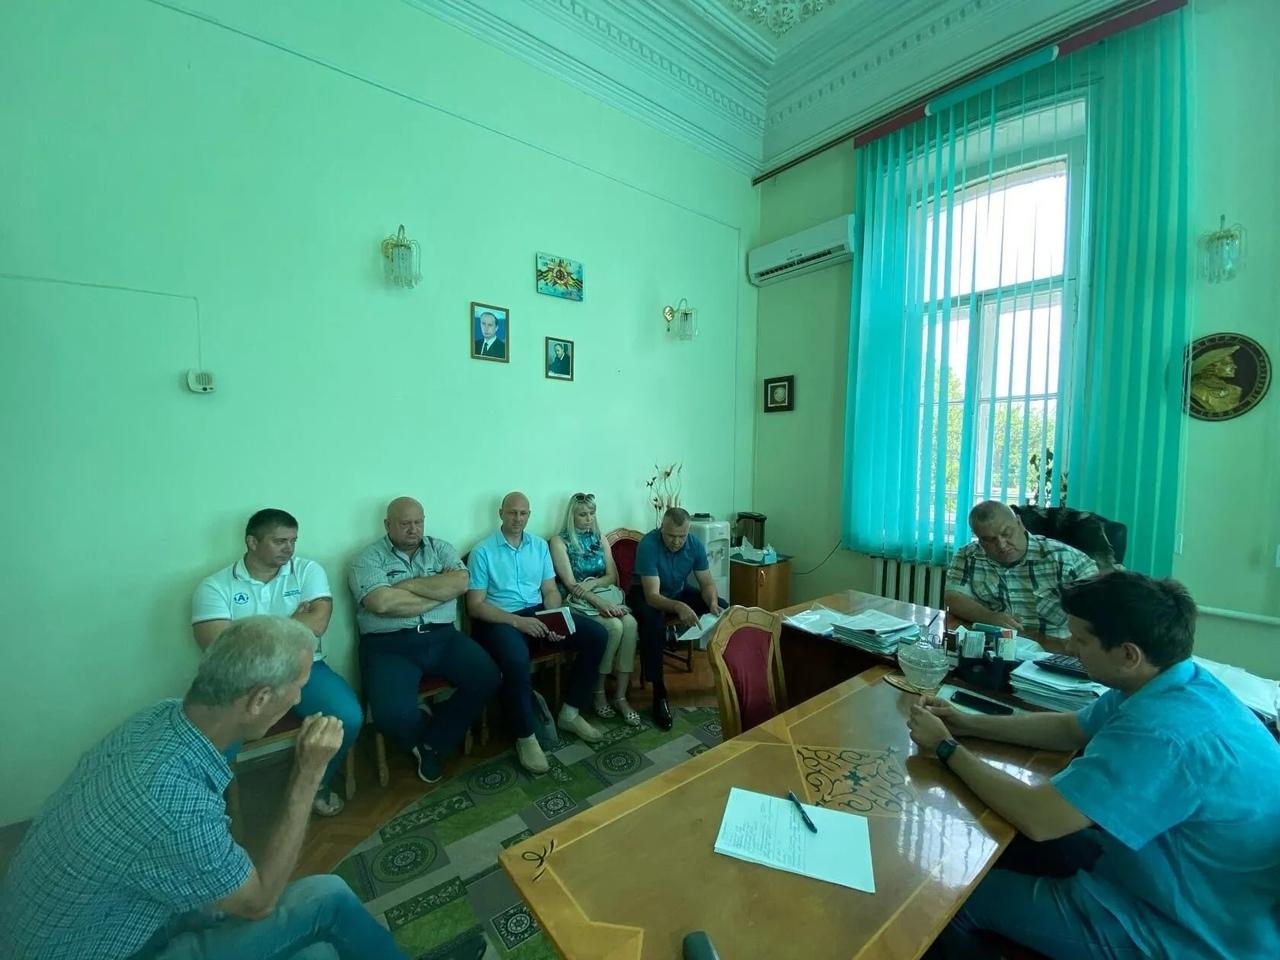 Руководители управляющих компаний и газовой службы обсудили вопросы заключения жильцами многоэтажек договоров ВДГО